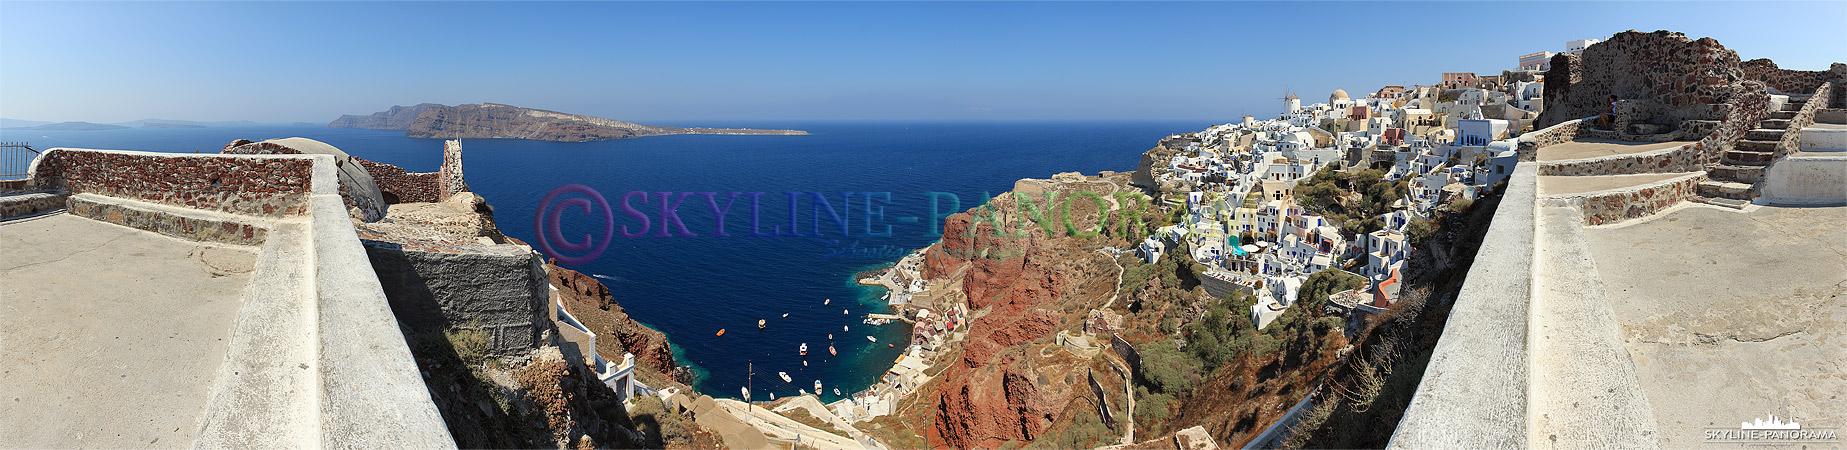 Griechische Insel Santorini - Der Blick vom Lóntza-Kastell auf die Windmühlen und den Westen von Oia, sowie den Hafen Ammoudi unterhalb des Dorfes.